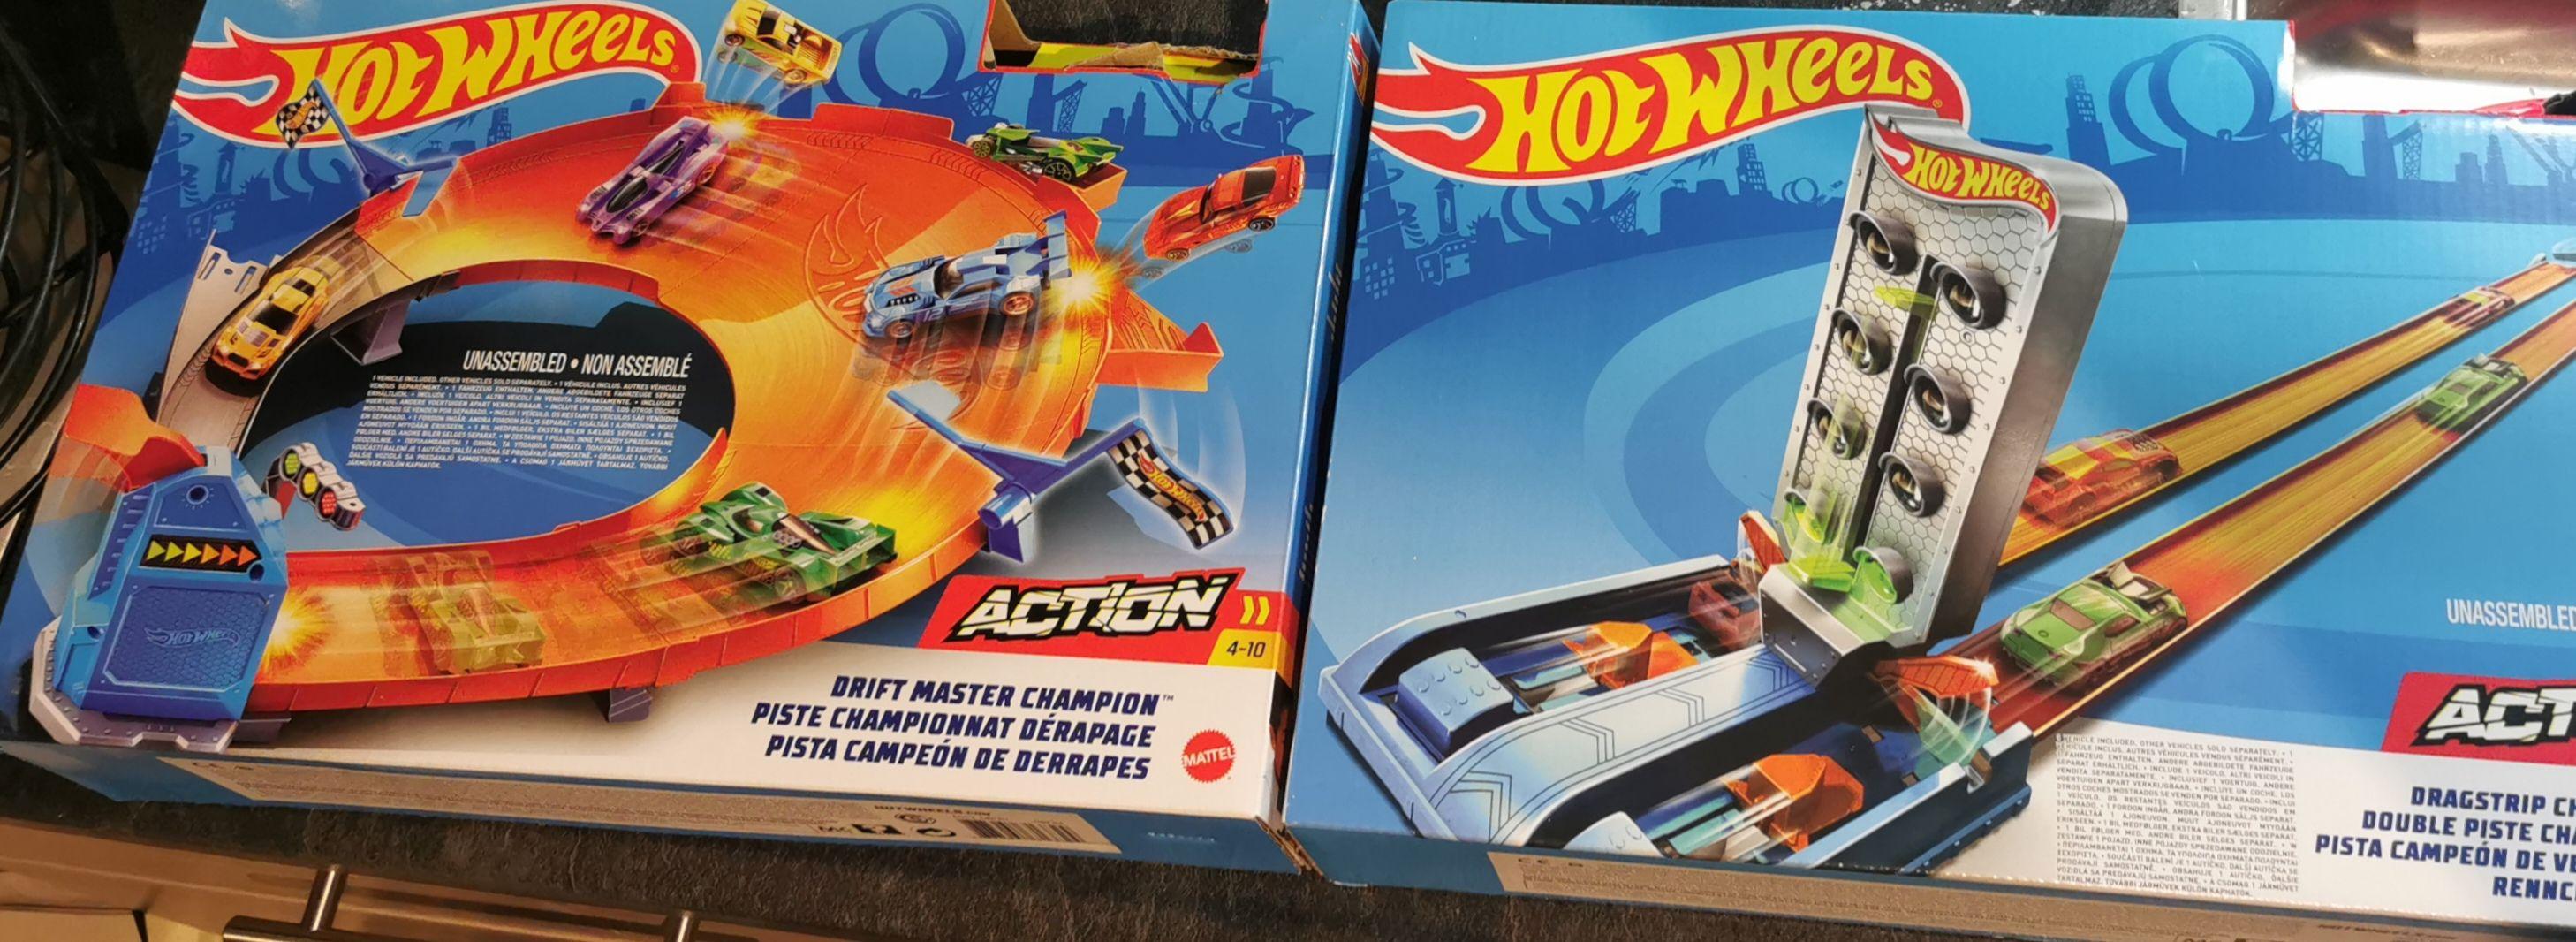 Diverse Hot wheels Action set @ Action